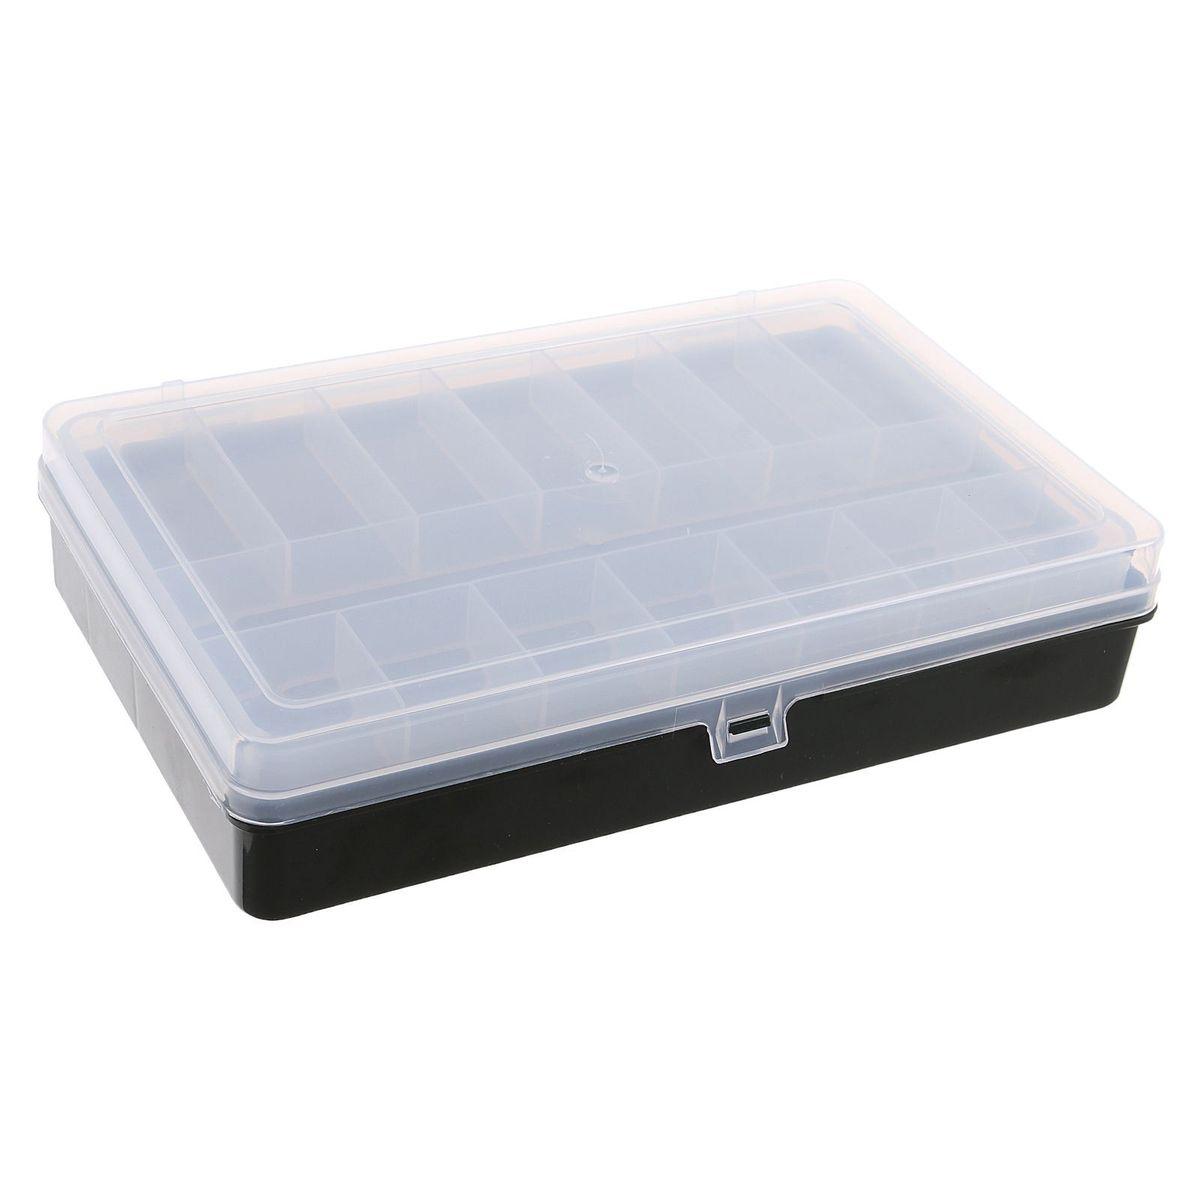 Коробка для крючков и насадок Тривол, двухъярусная, цвет: зеленый, 24х15х5 см1271656Коробка для крючков Тривол поможет сделать процесс подготовки к самой рыбной ловле максимально удобным. Коробка выполнена из пластика. Она идеально подойдет в любое время года, для любого типа рыбалки и поможет вовремя отыскать среди всех снастей именно те, которые необходимы на данный момент. Имеет 22 отделения на 2 ярусах.